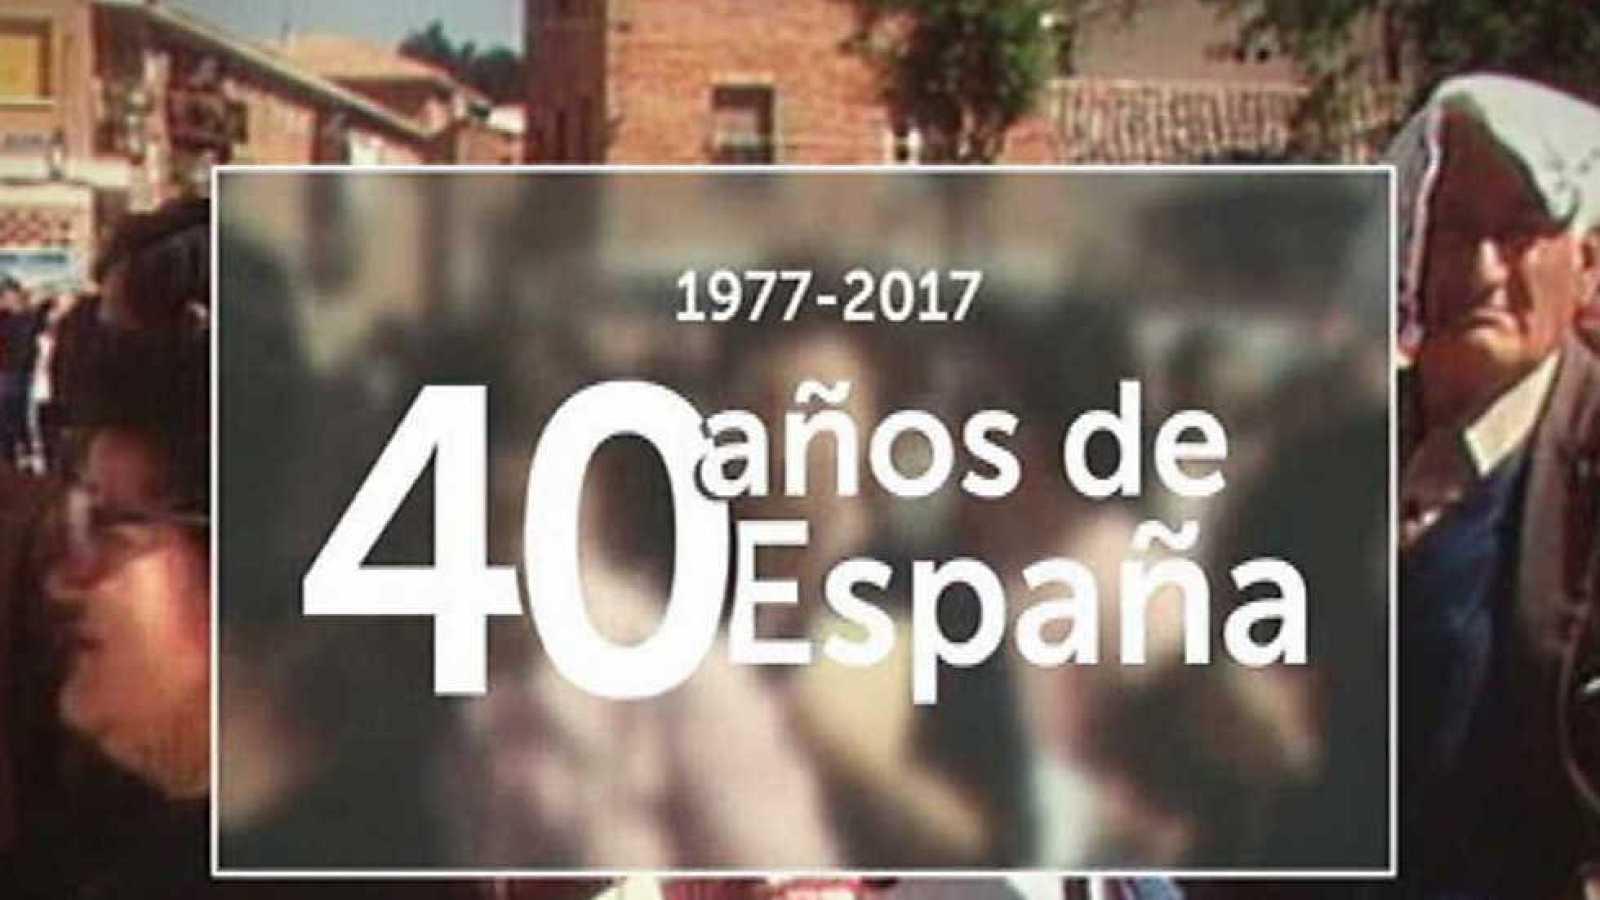 ... Informe Semanal - 40 años de España - 10 06 17 - ver ahora reproducir  video 4b4eaa8151bc